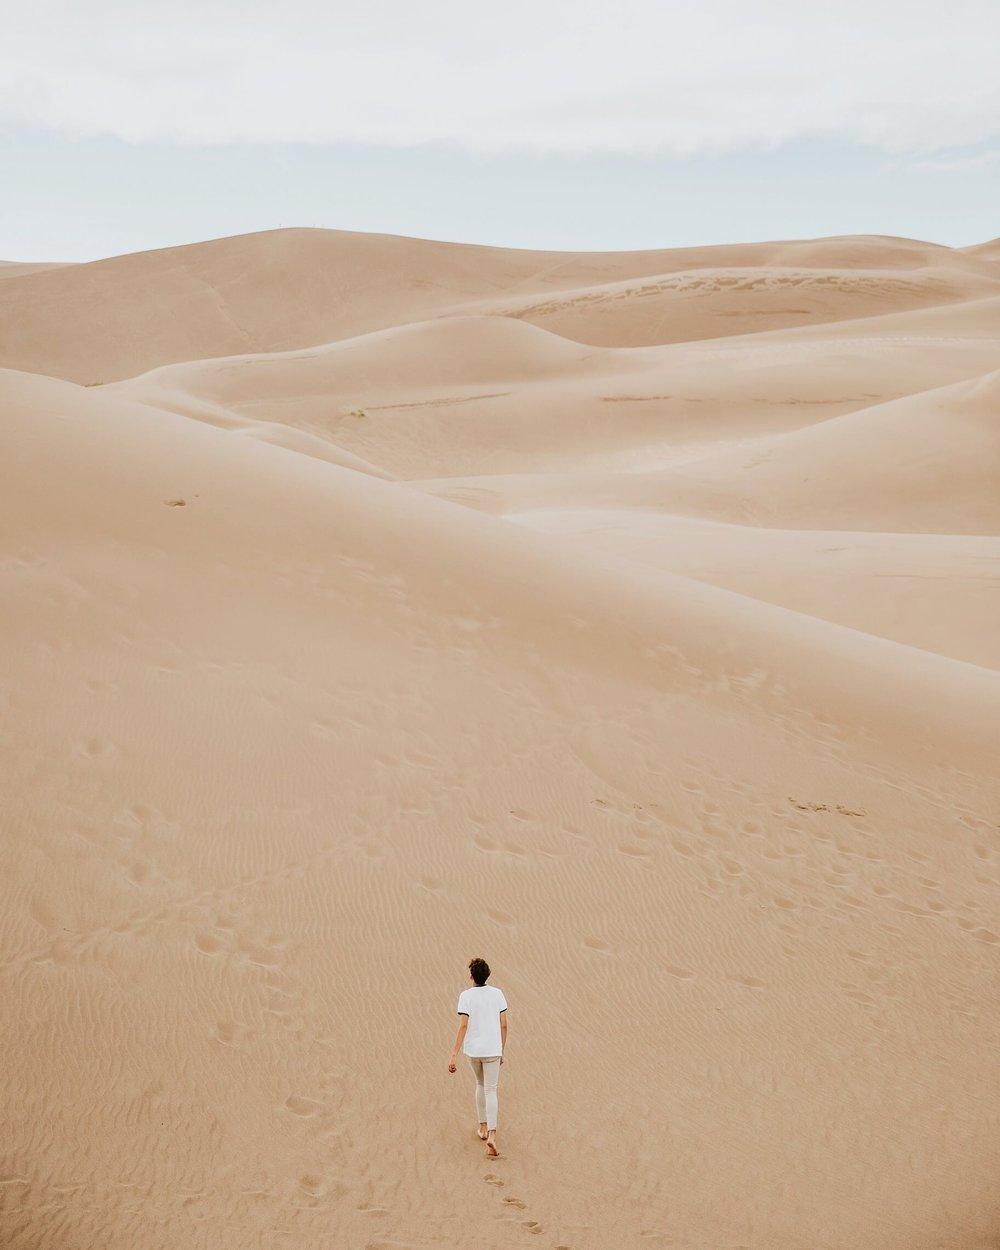 Döntéseink meghozásához gyakran új utak és új látásmódok felfedezésére van szükségünk. -